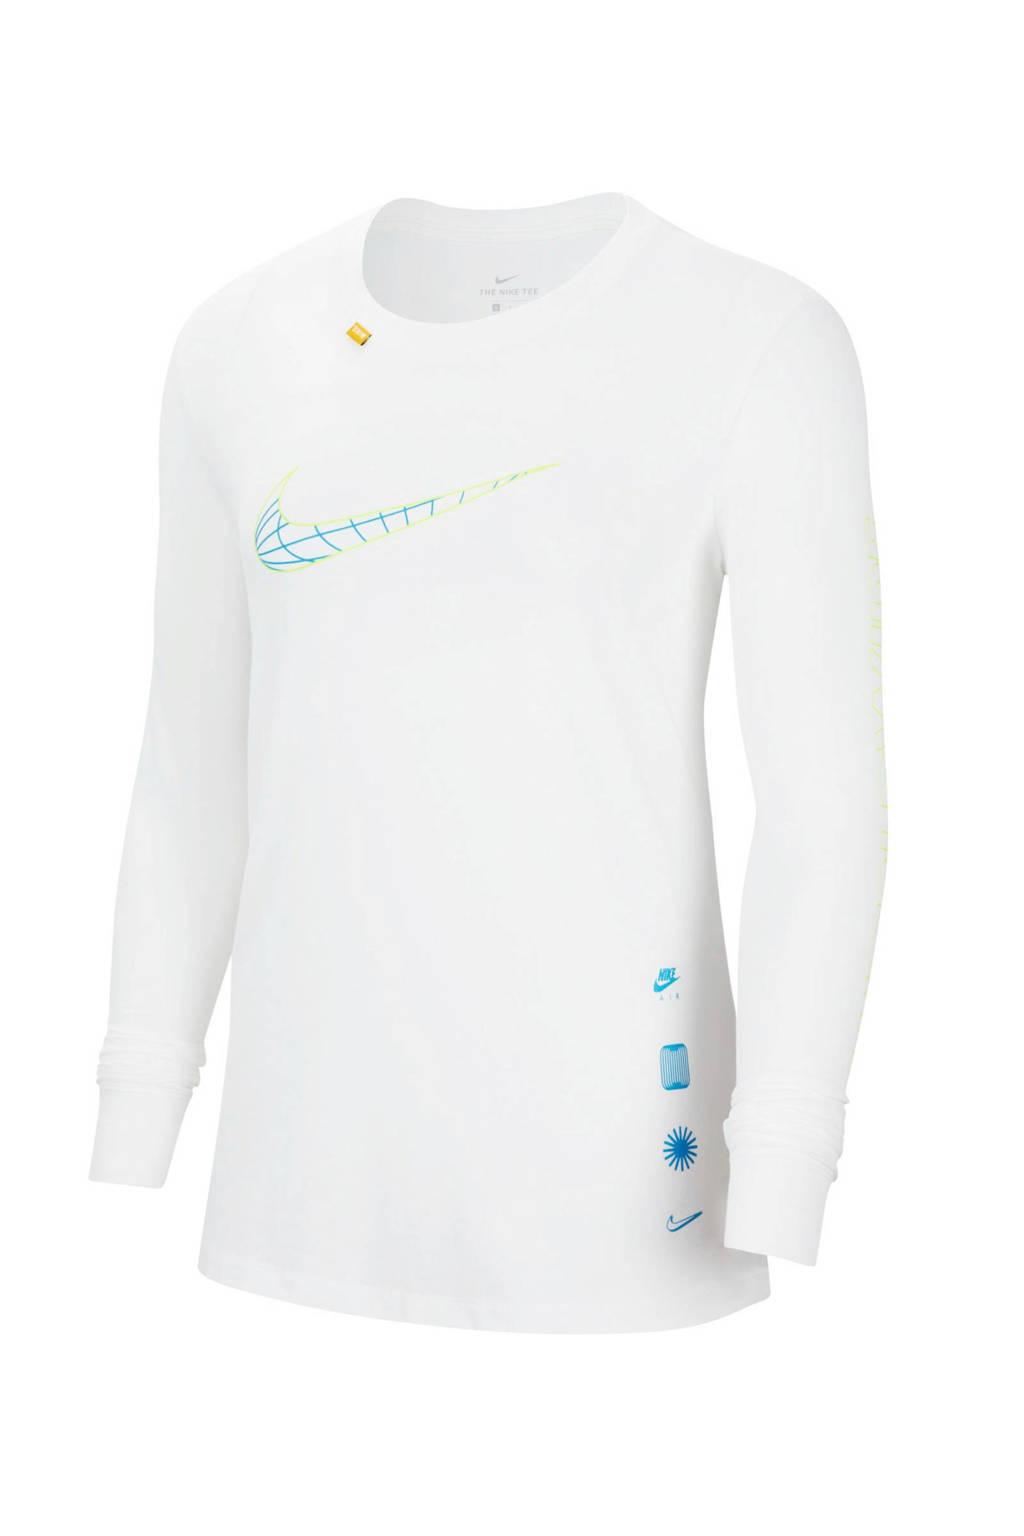 Nike longsleeve wit/geel/blauw, Wit/geel/blauw